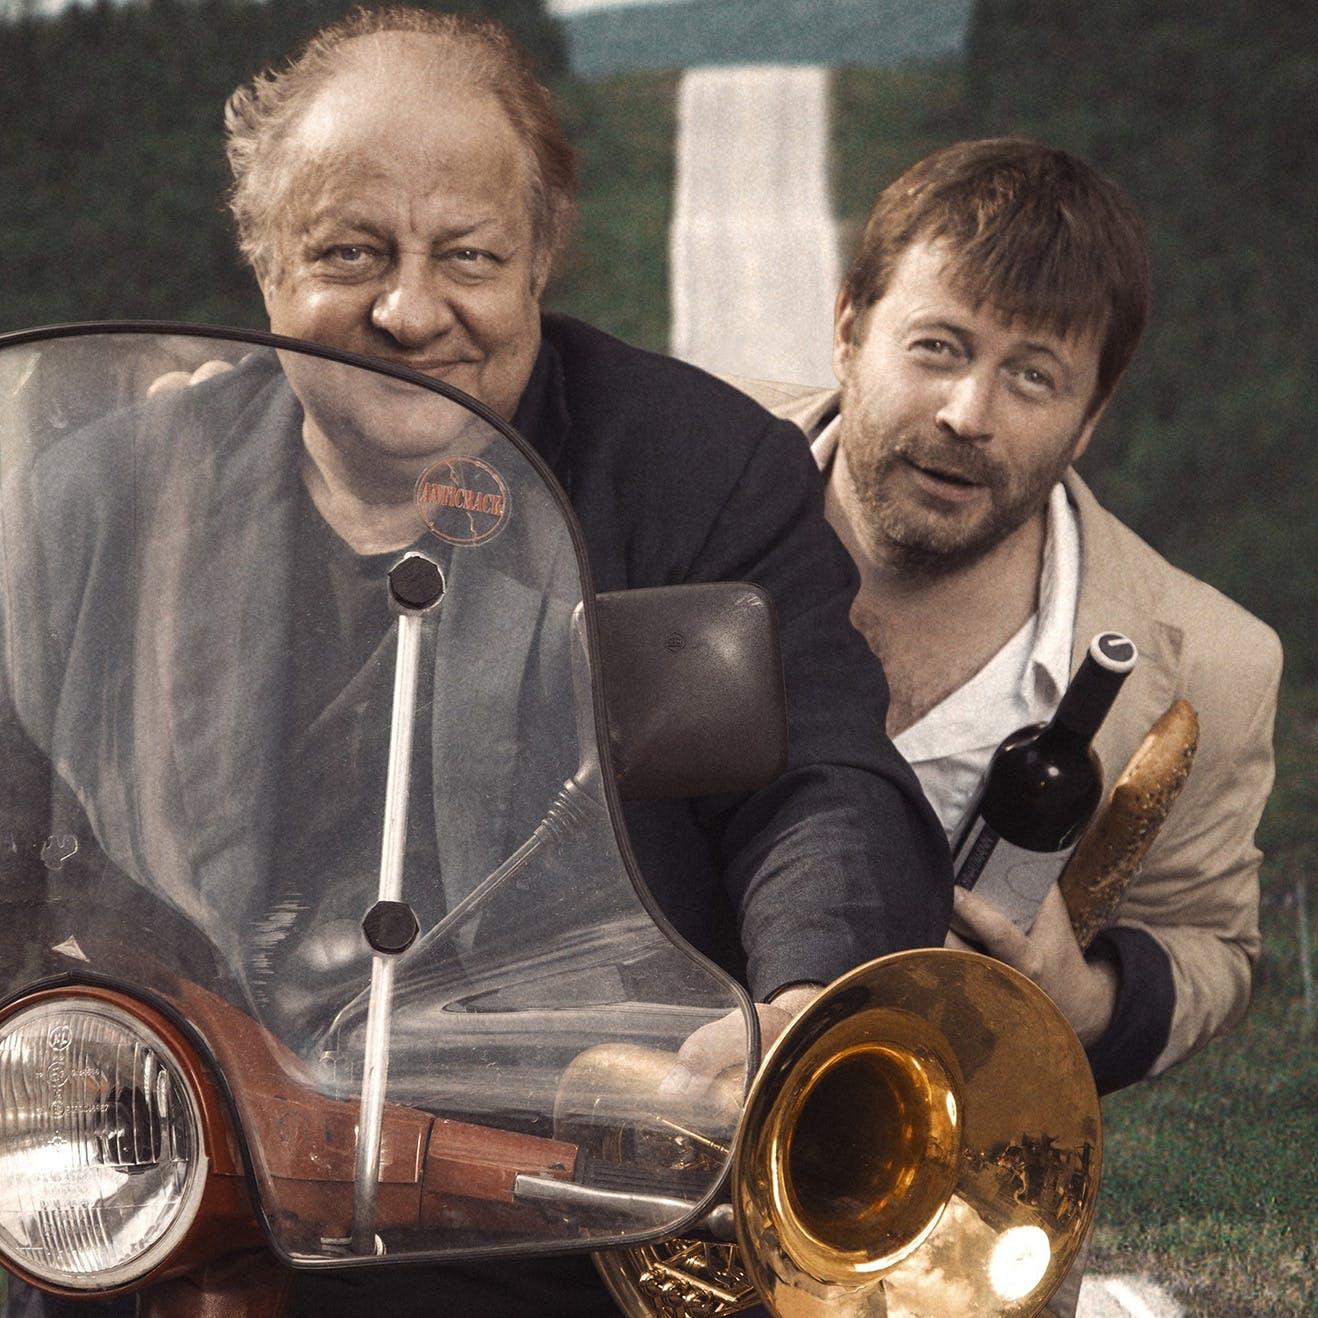 Klink Bebelaar Jazz Vorabend